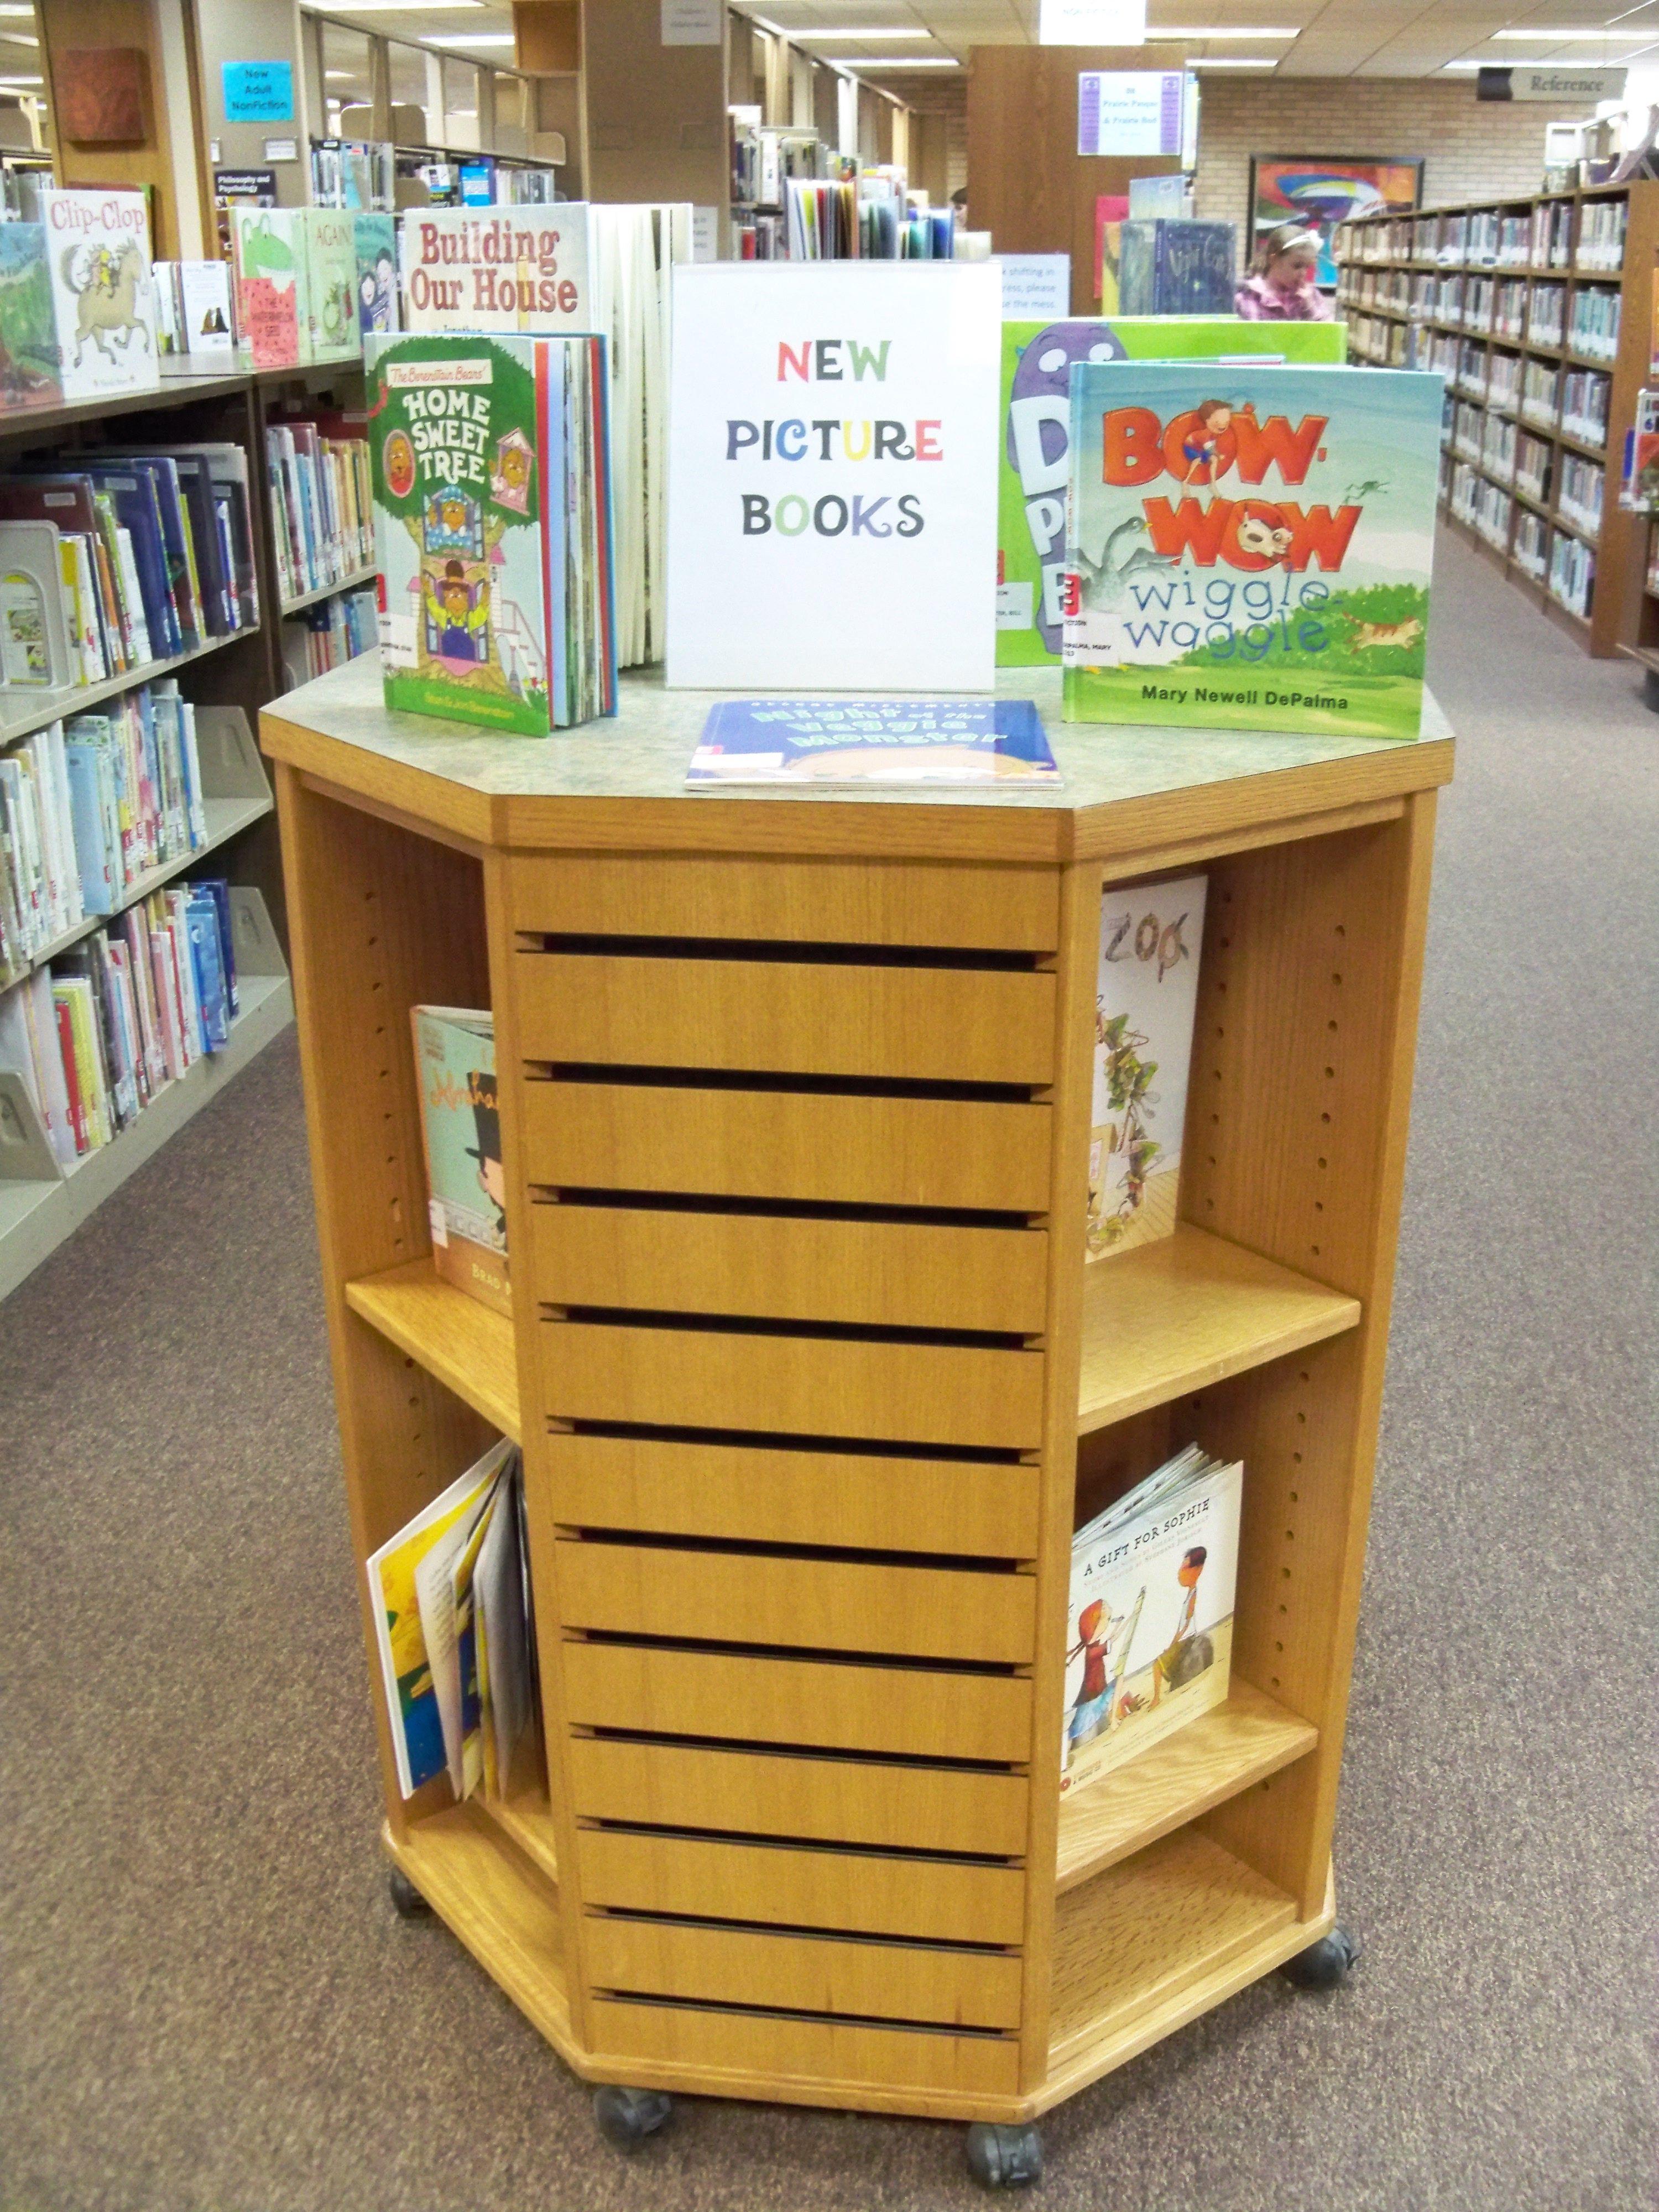 NEW Children's Picture Books!